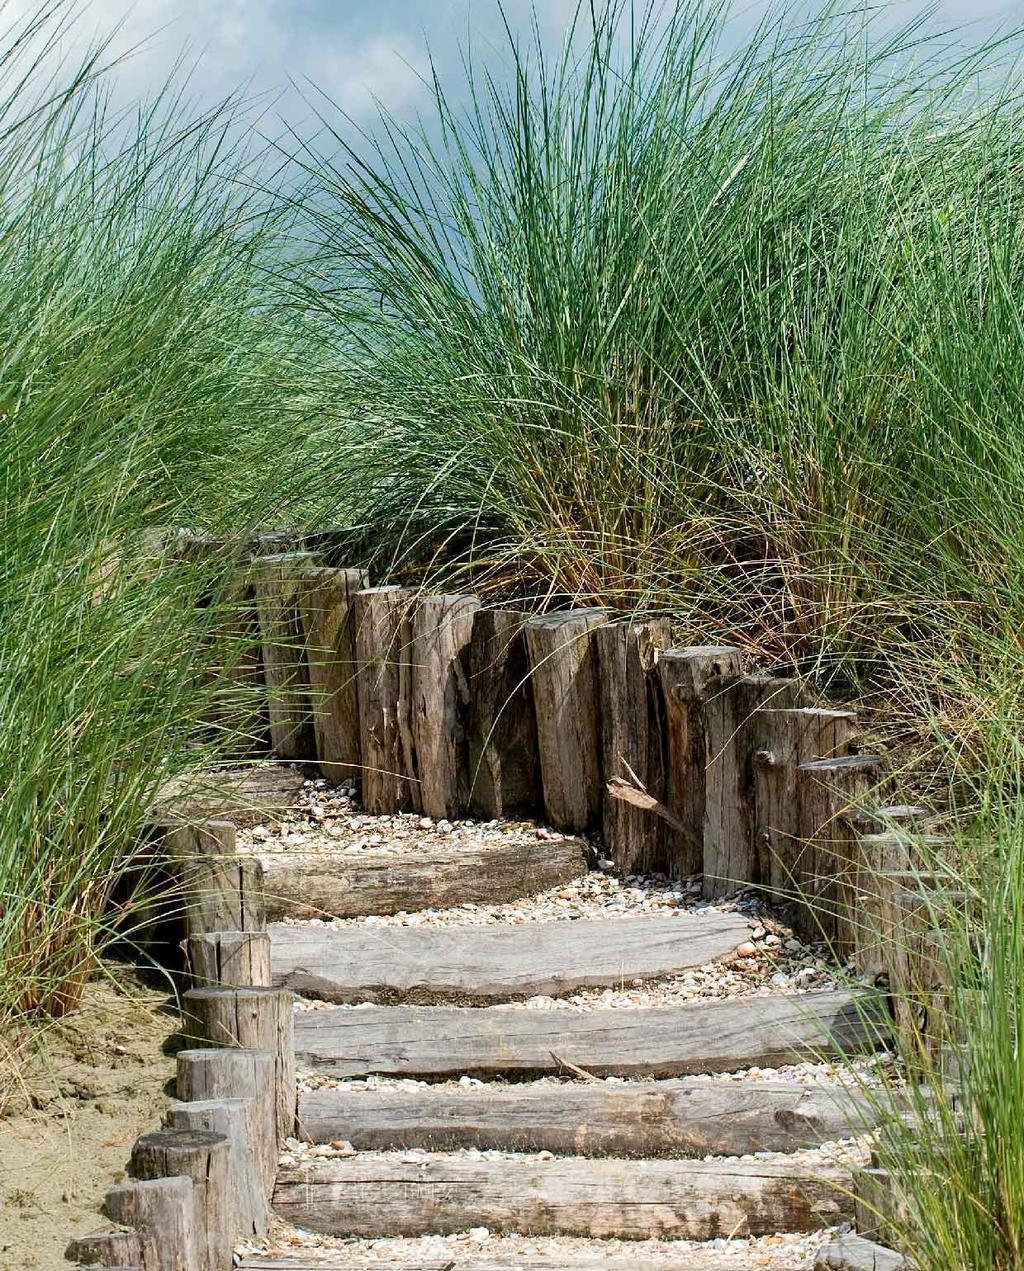 vtwonen blog kristel | strandgevoel in tuin helmgras oud hout